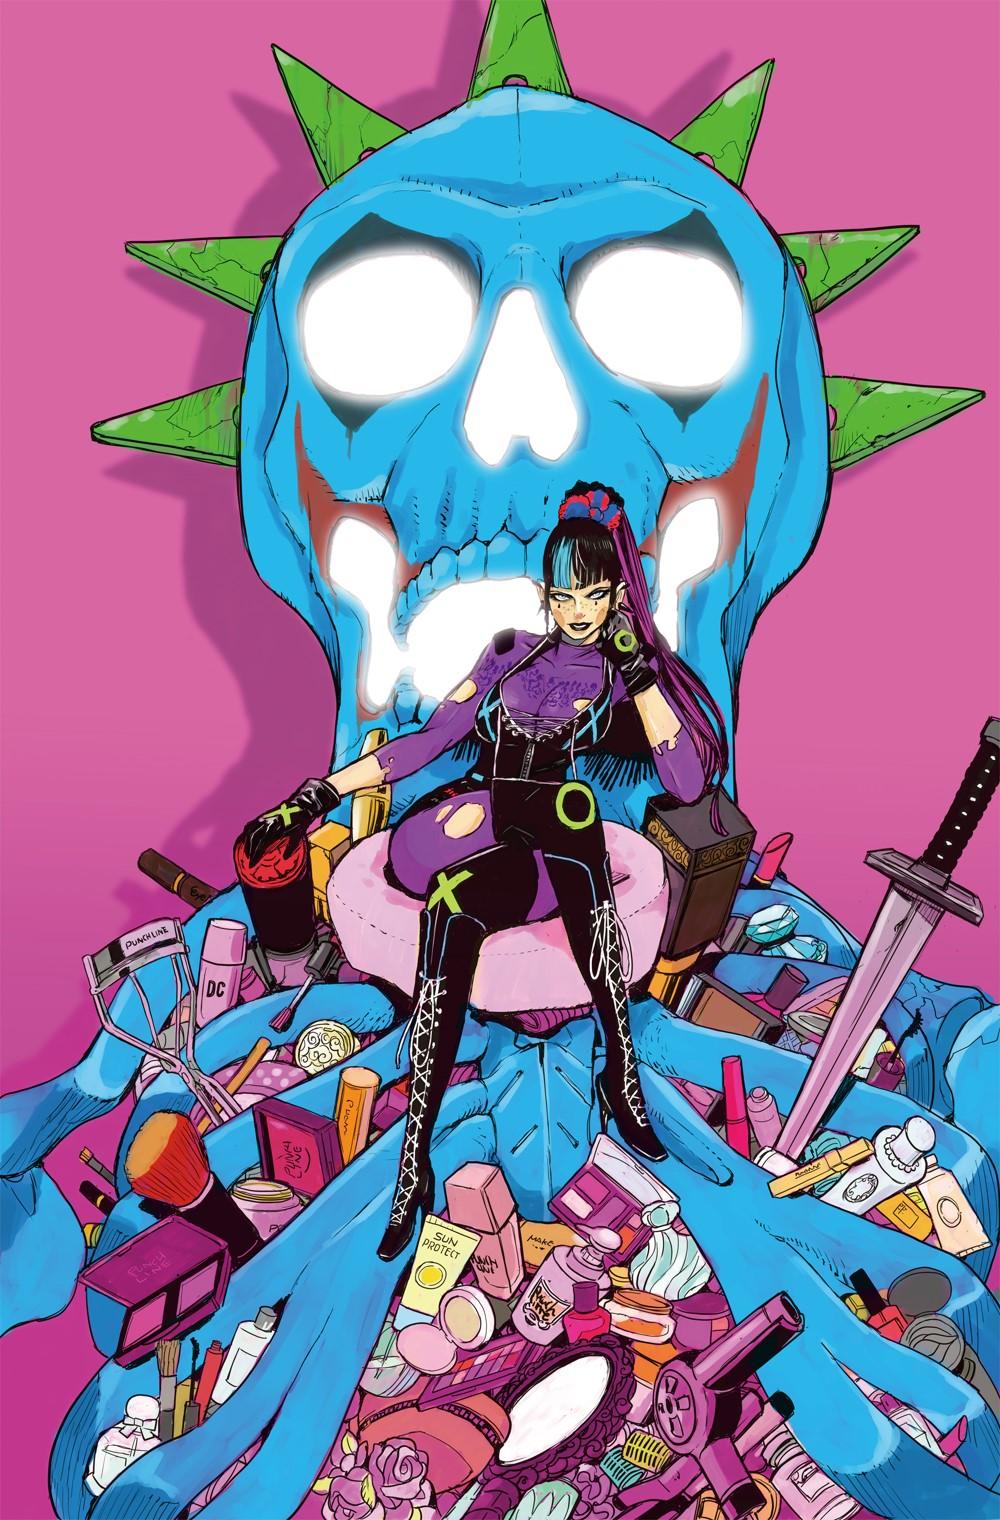 Joker8_Acky_Variant_NO-TRADE-DRESS DC Comics October 2021 Solicitations